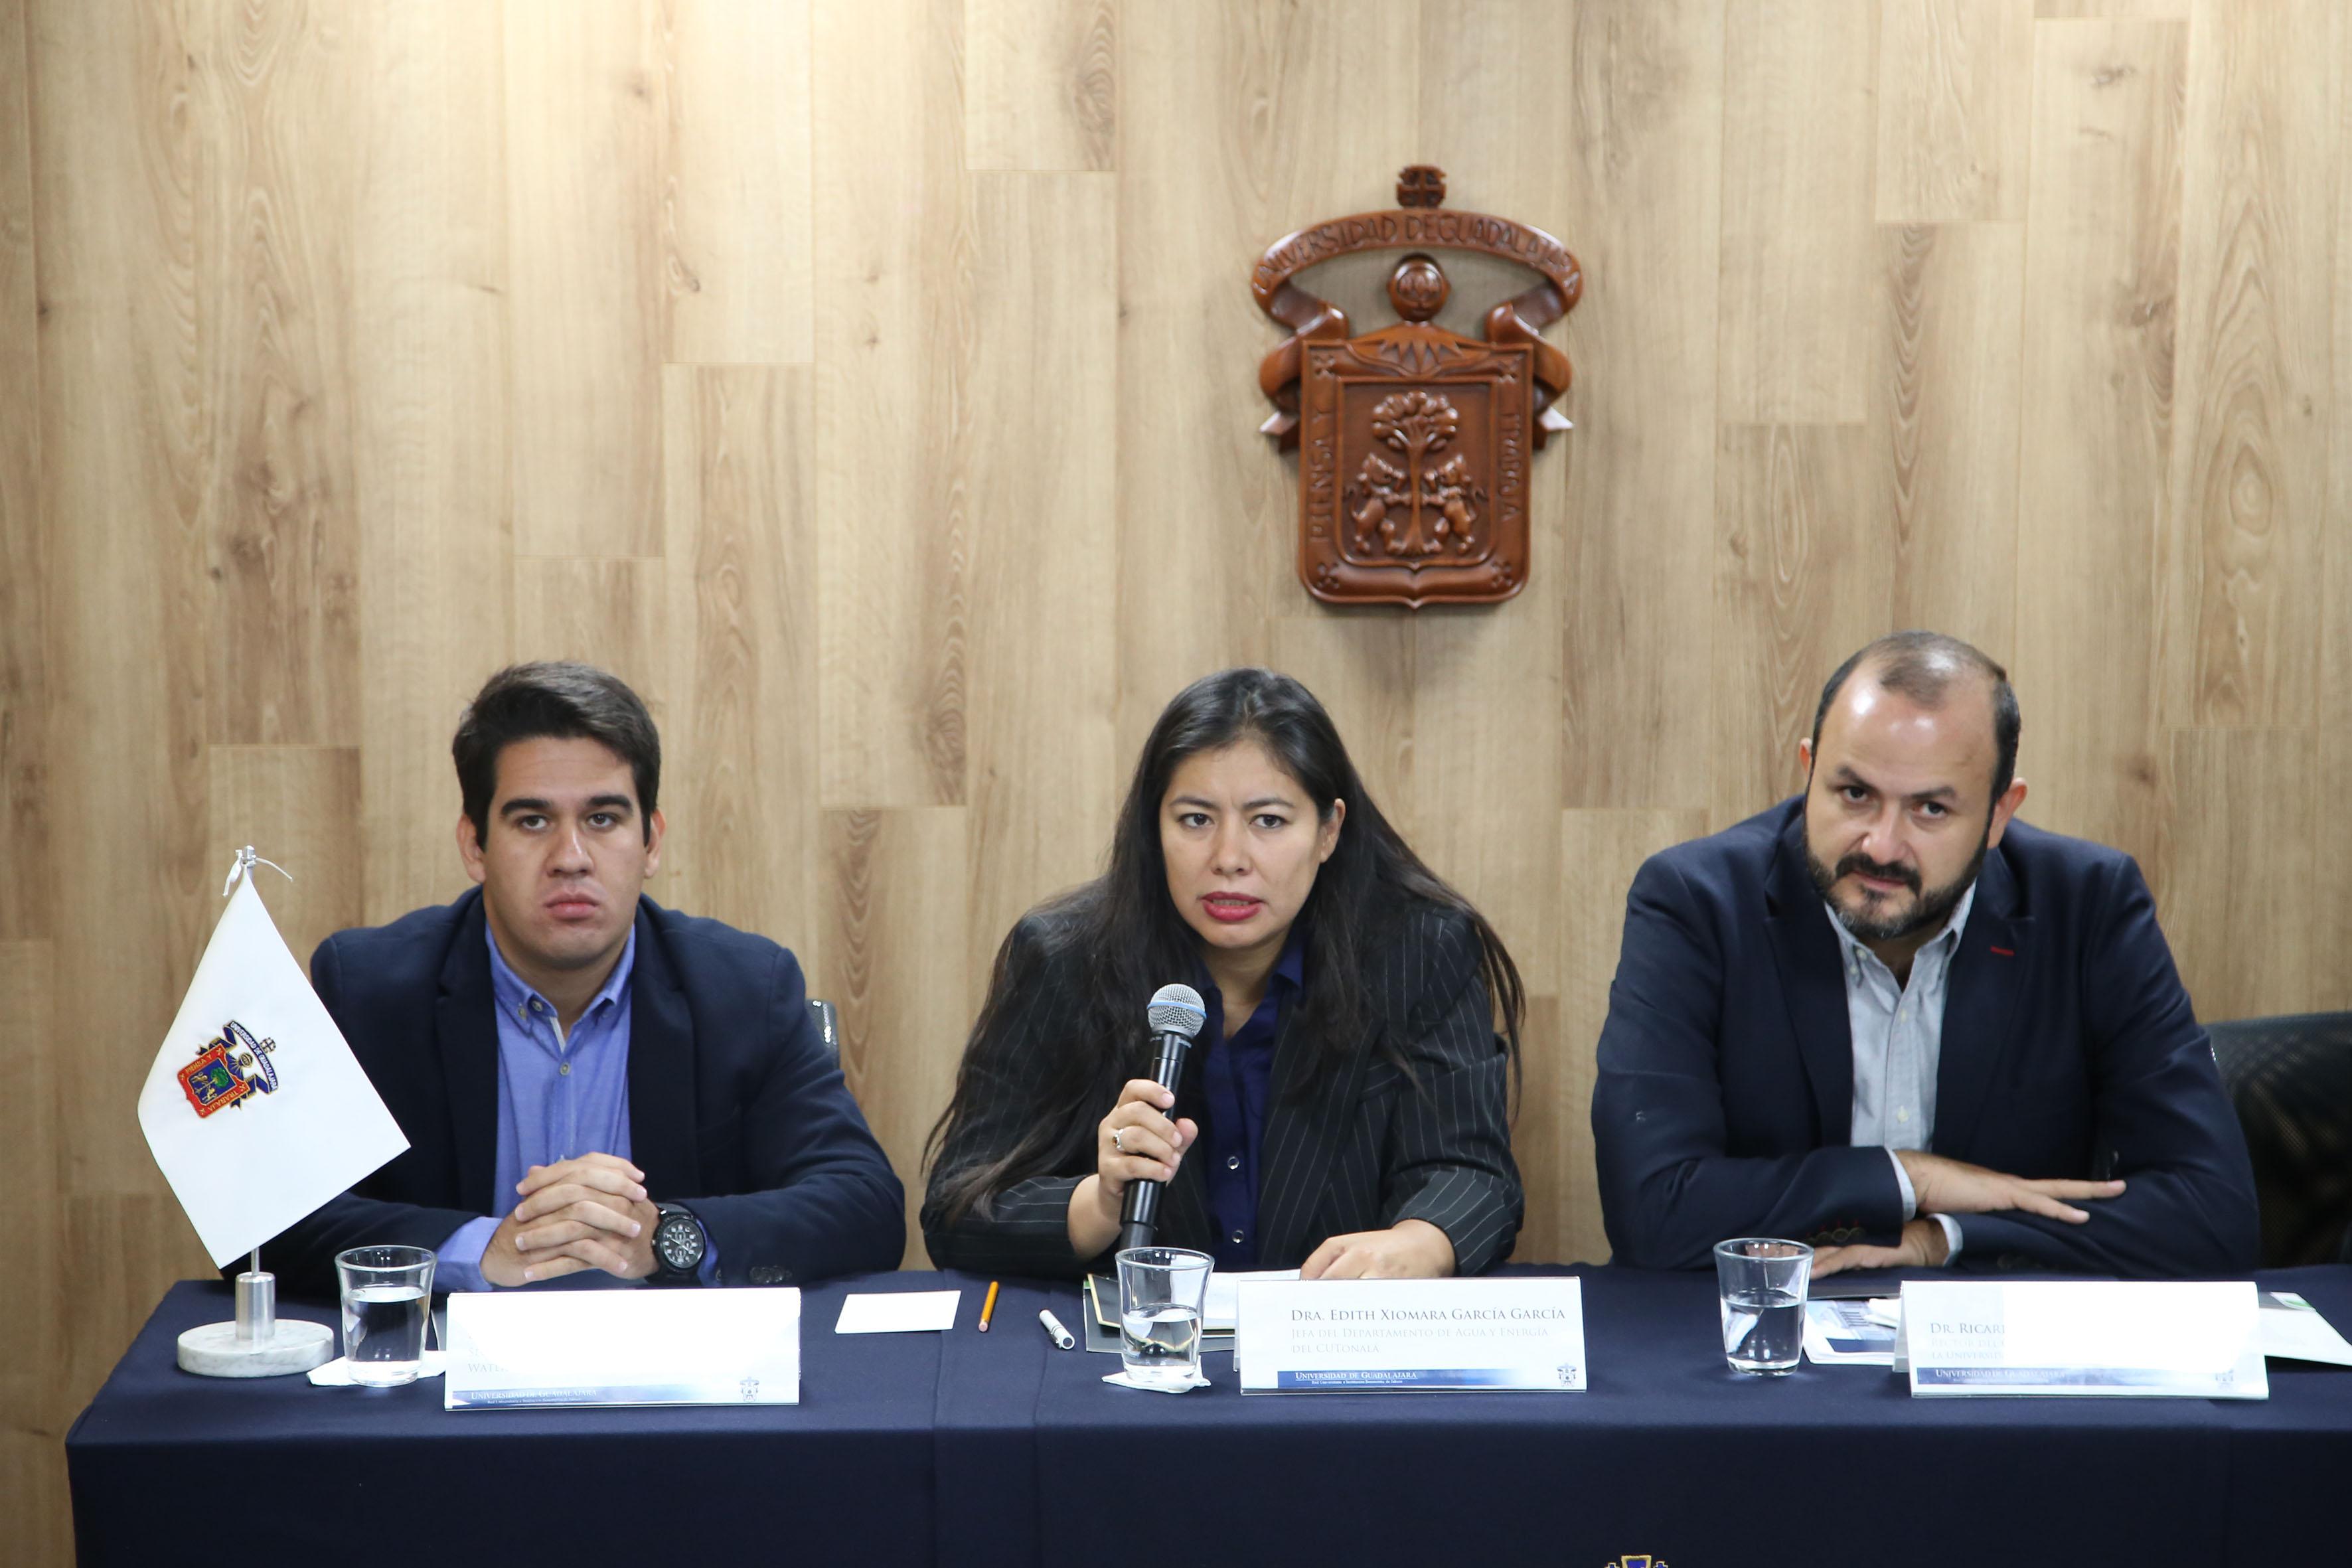 Doctora Edith Xiomara García, jefa del Departamento de Agua y Energía del CUTonalá, con micrófono en mano haciendo uso de la palabra.